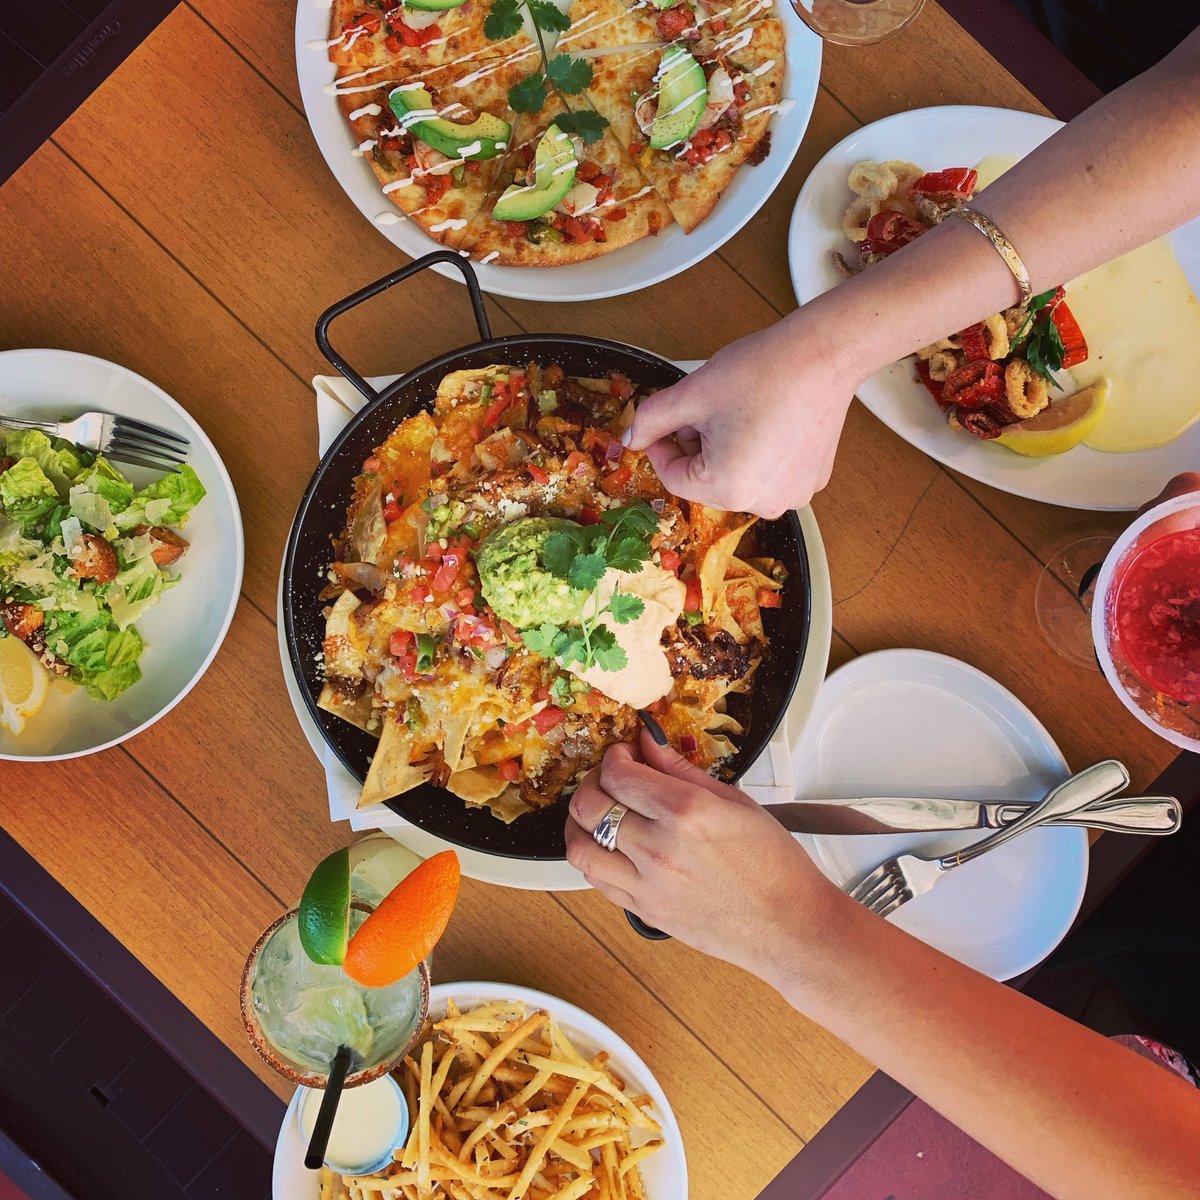 Friends + Nachos = Summer Fun #meetatmatts #mattsrotisserie #redmondwa #redmondtowncenter #nachos #happyhour #seattlefoodie